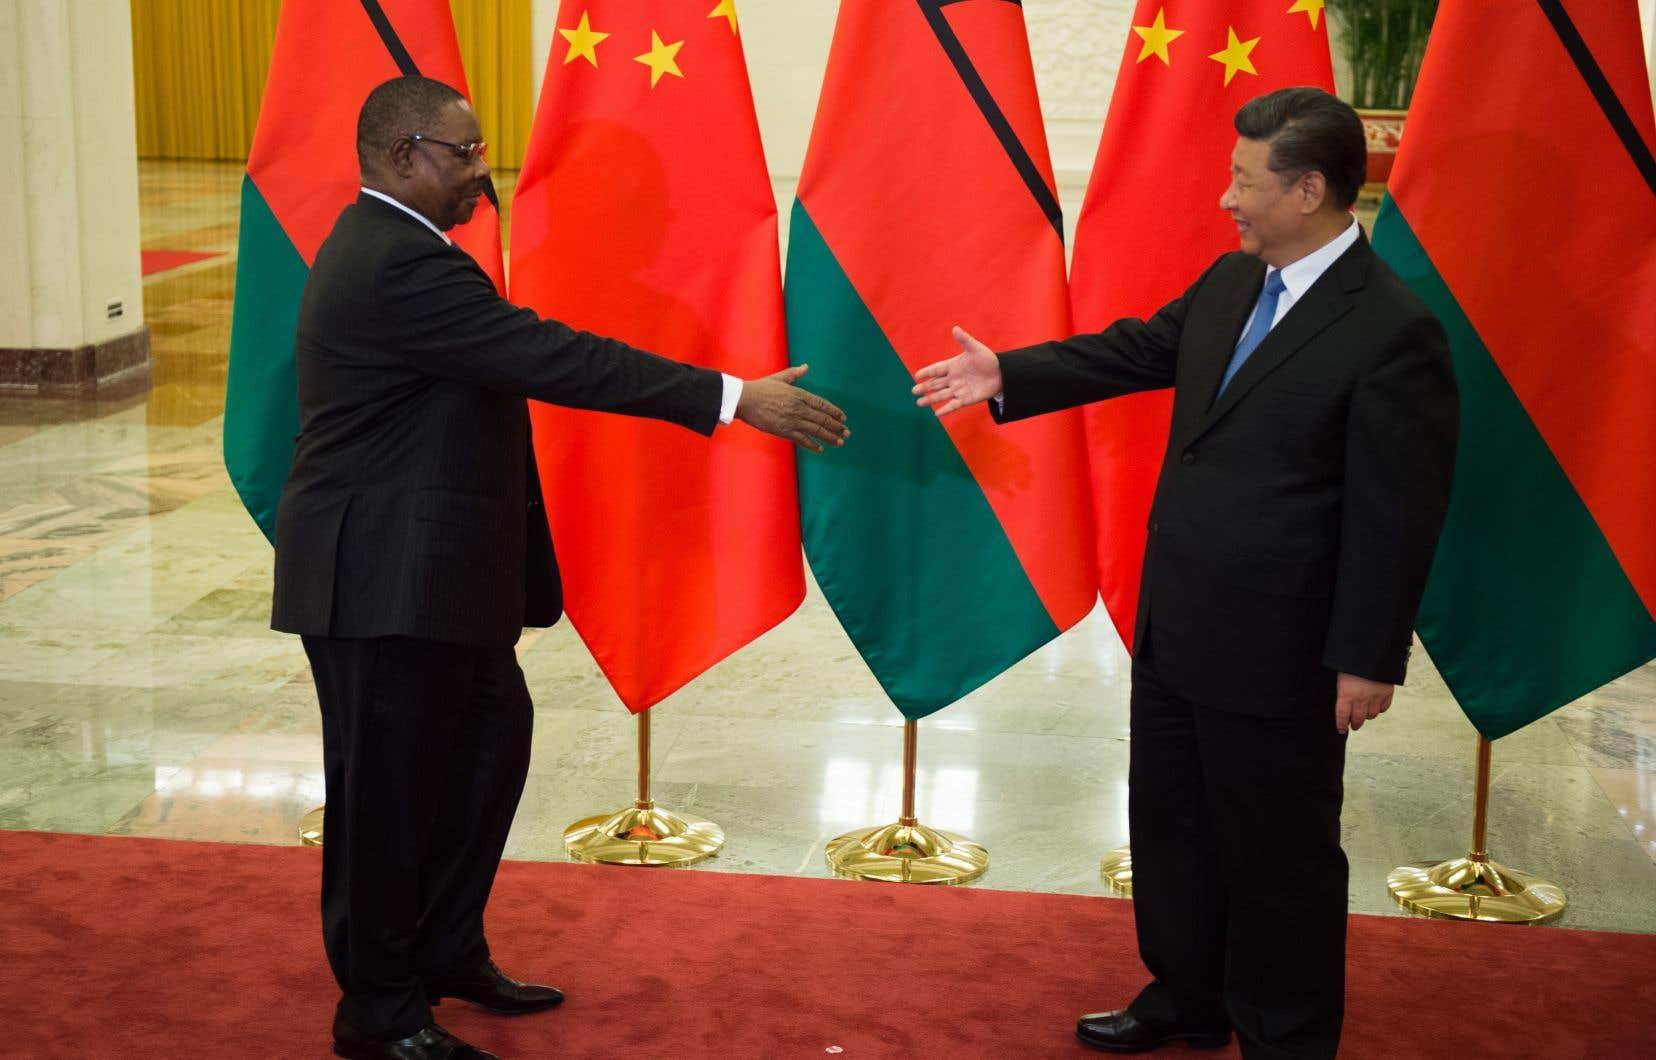 Le président chinois, Xi Jinping, a promis aux dirigeants de 53 pays africains réunis jusqu'à mardi à Pékin une nouvelle salve d'aide de 60milliards de dollars.